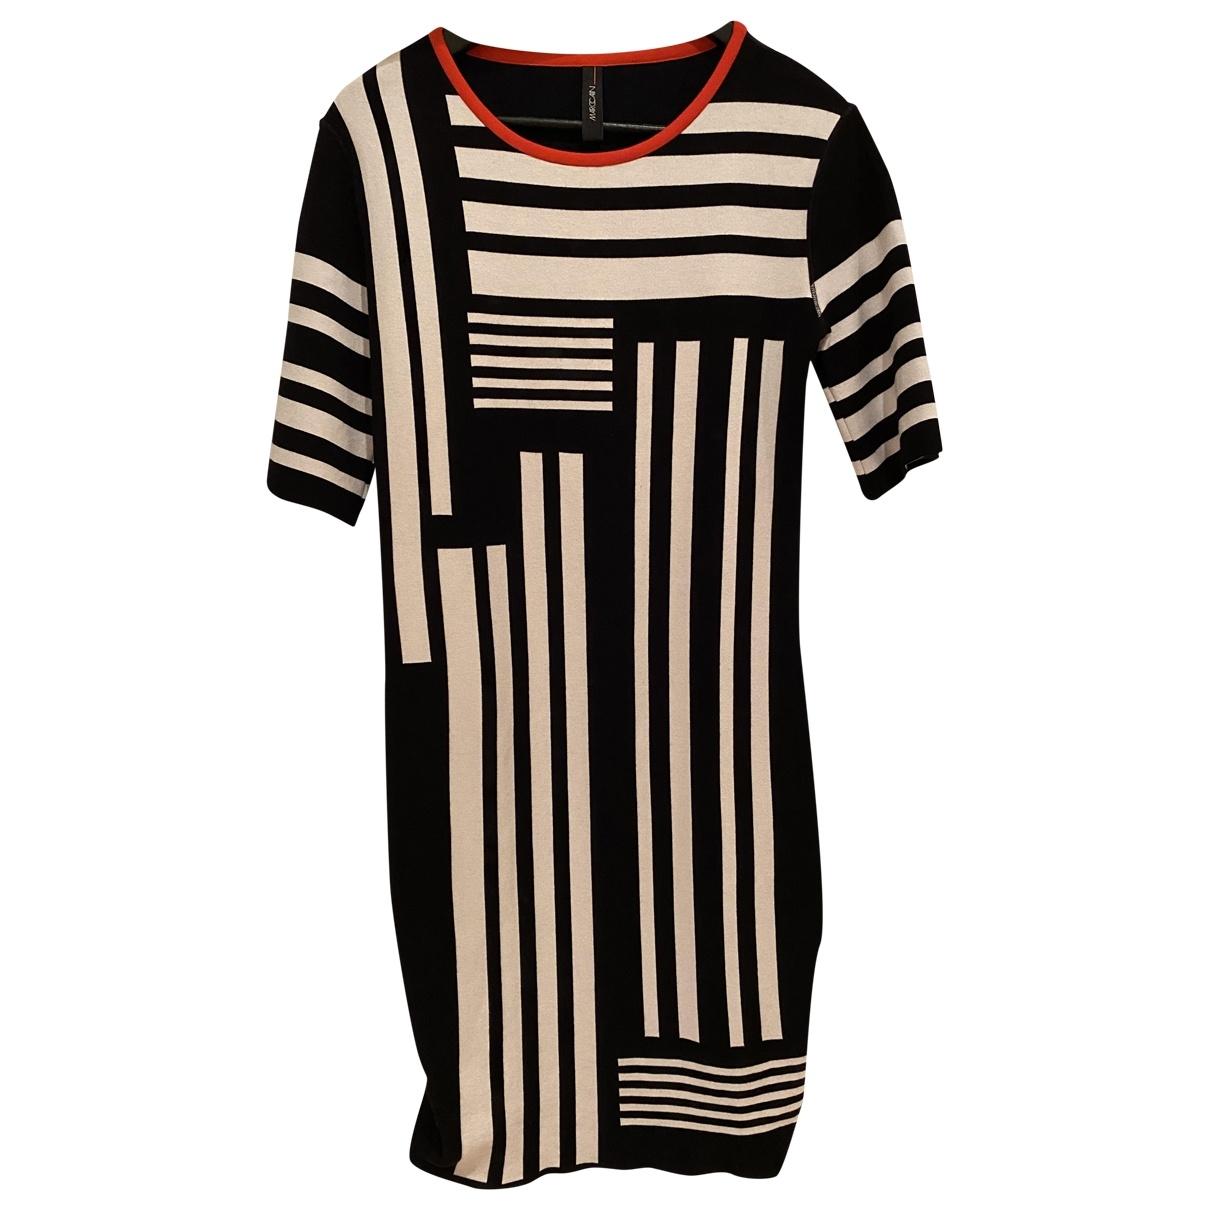 Marc Cain \N Kleid in  Schwarz Baumwolle - Elasthan